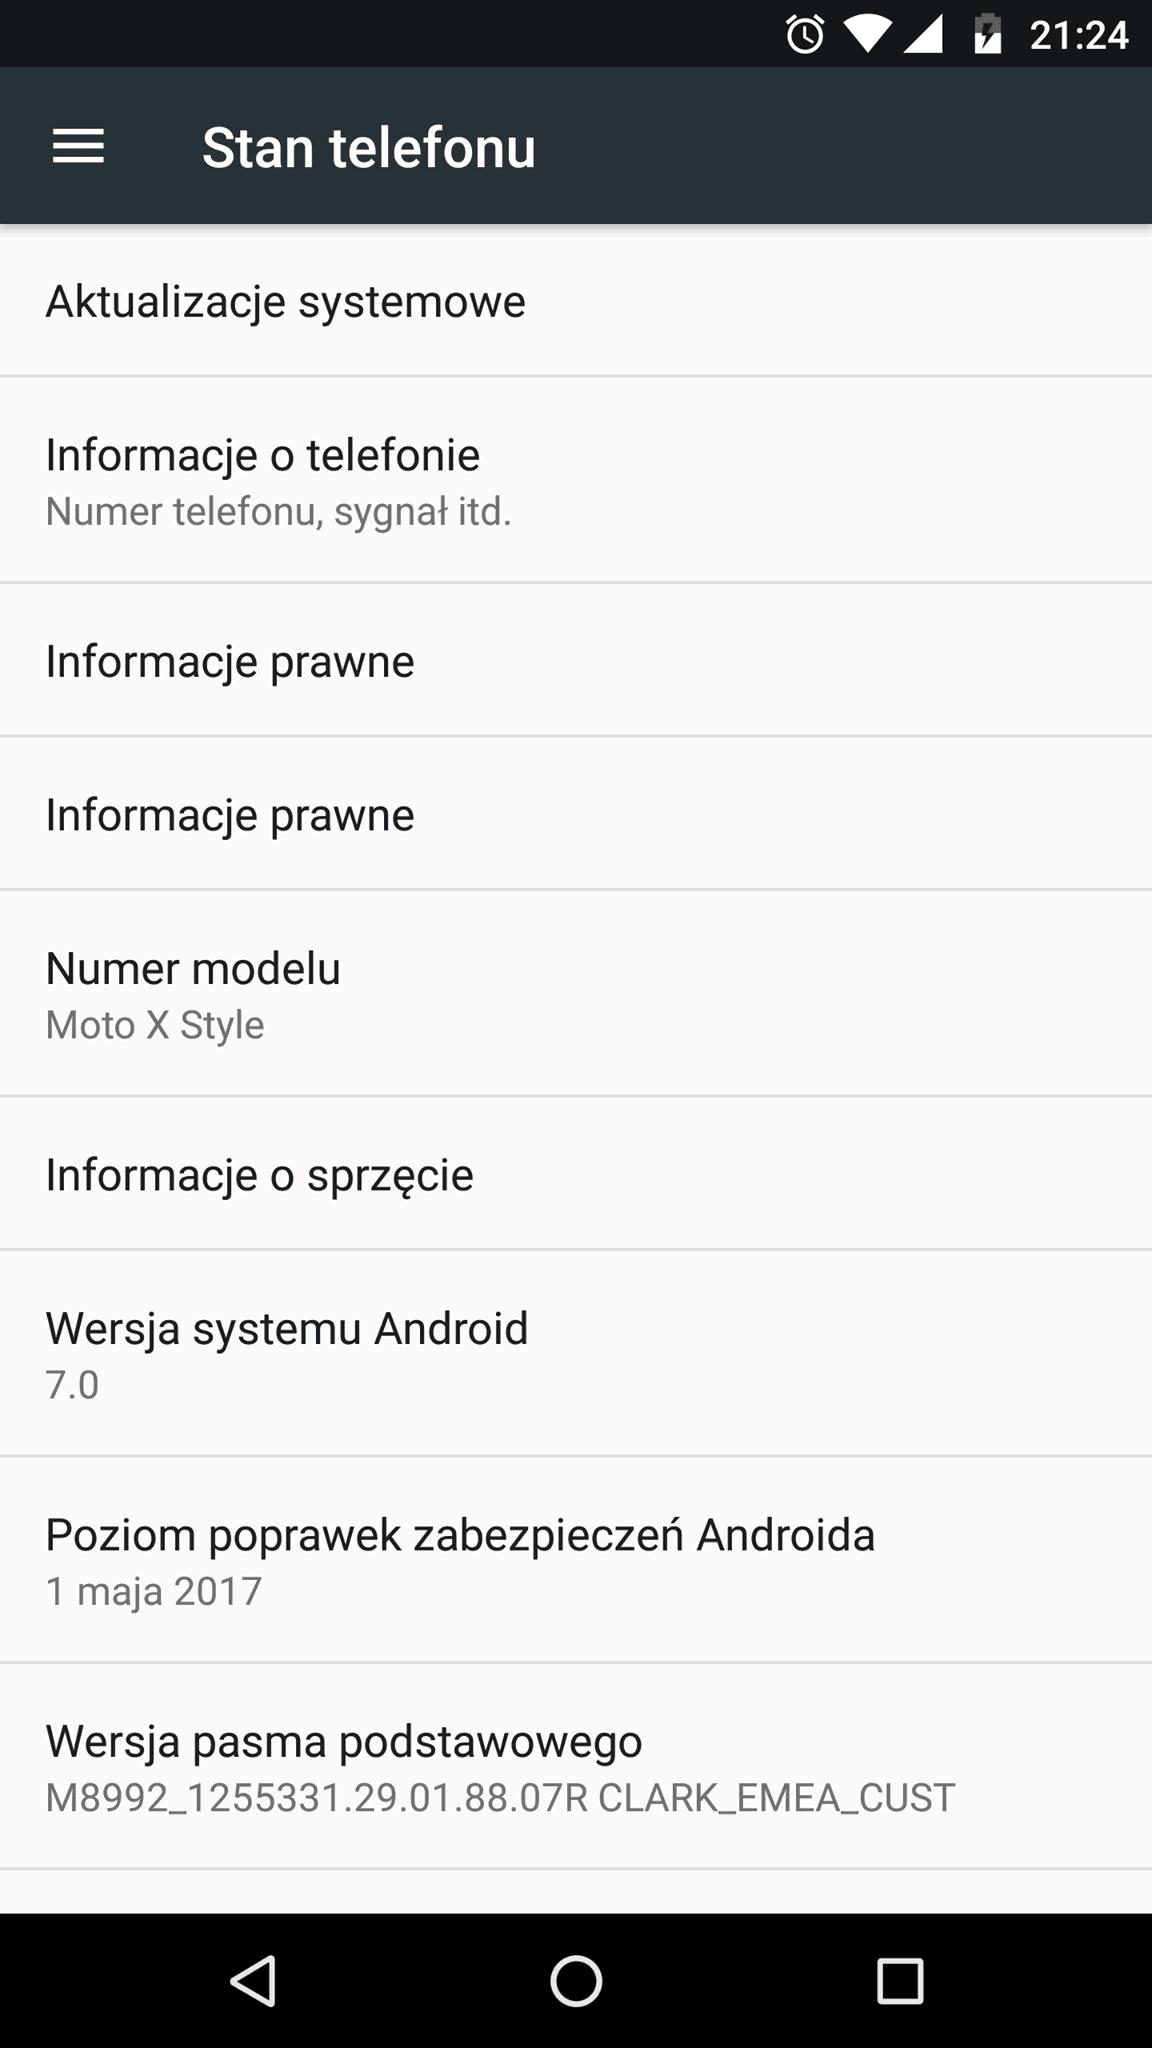 Tabletowo.pl W końcu! Motorola Moto X Style dostała oficjalnie Androida 7.0 Nougat w Polsce Aktualizacje Android Lenovo Motorola Smartfony